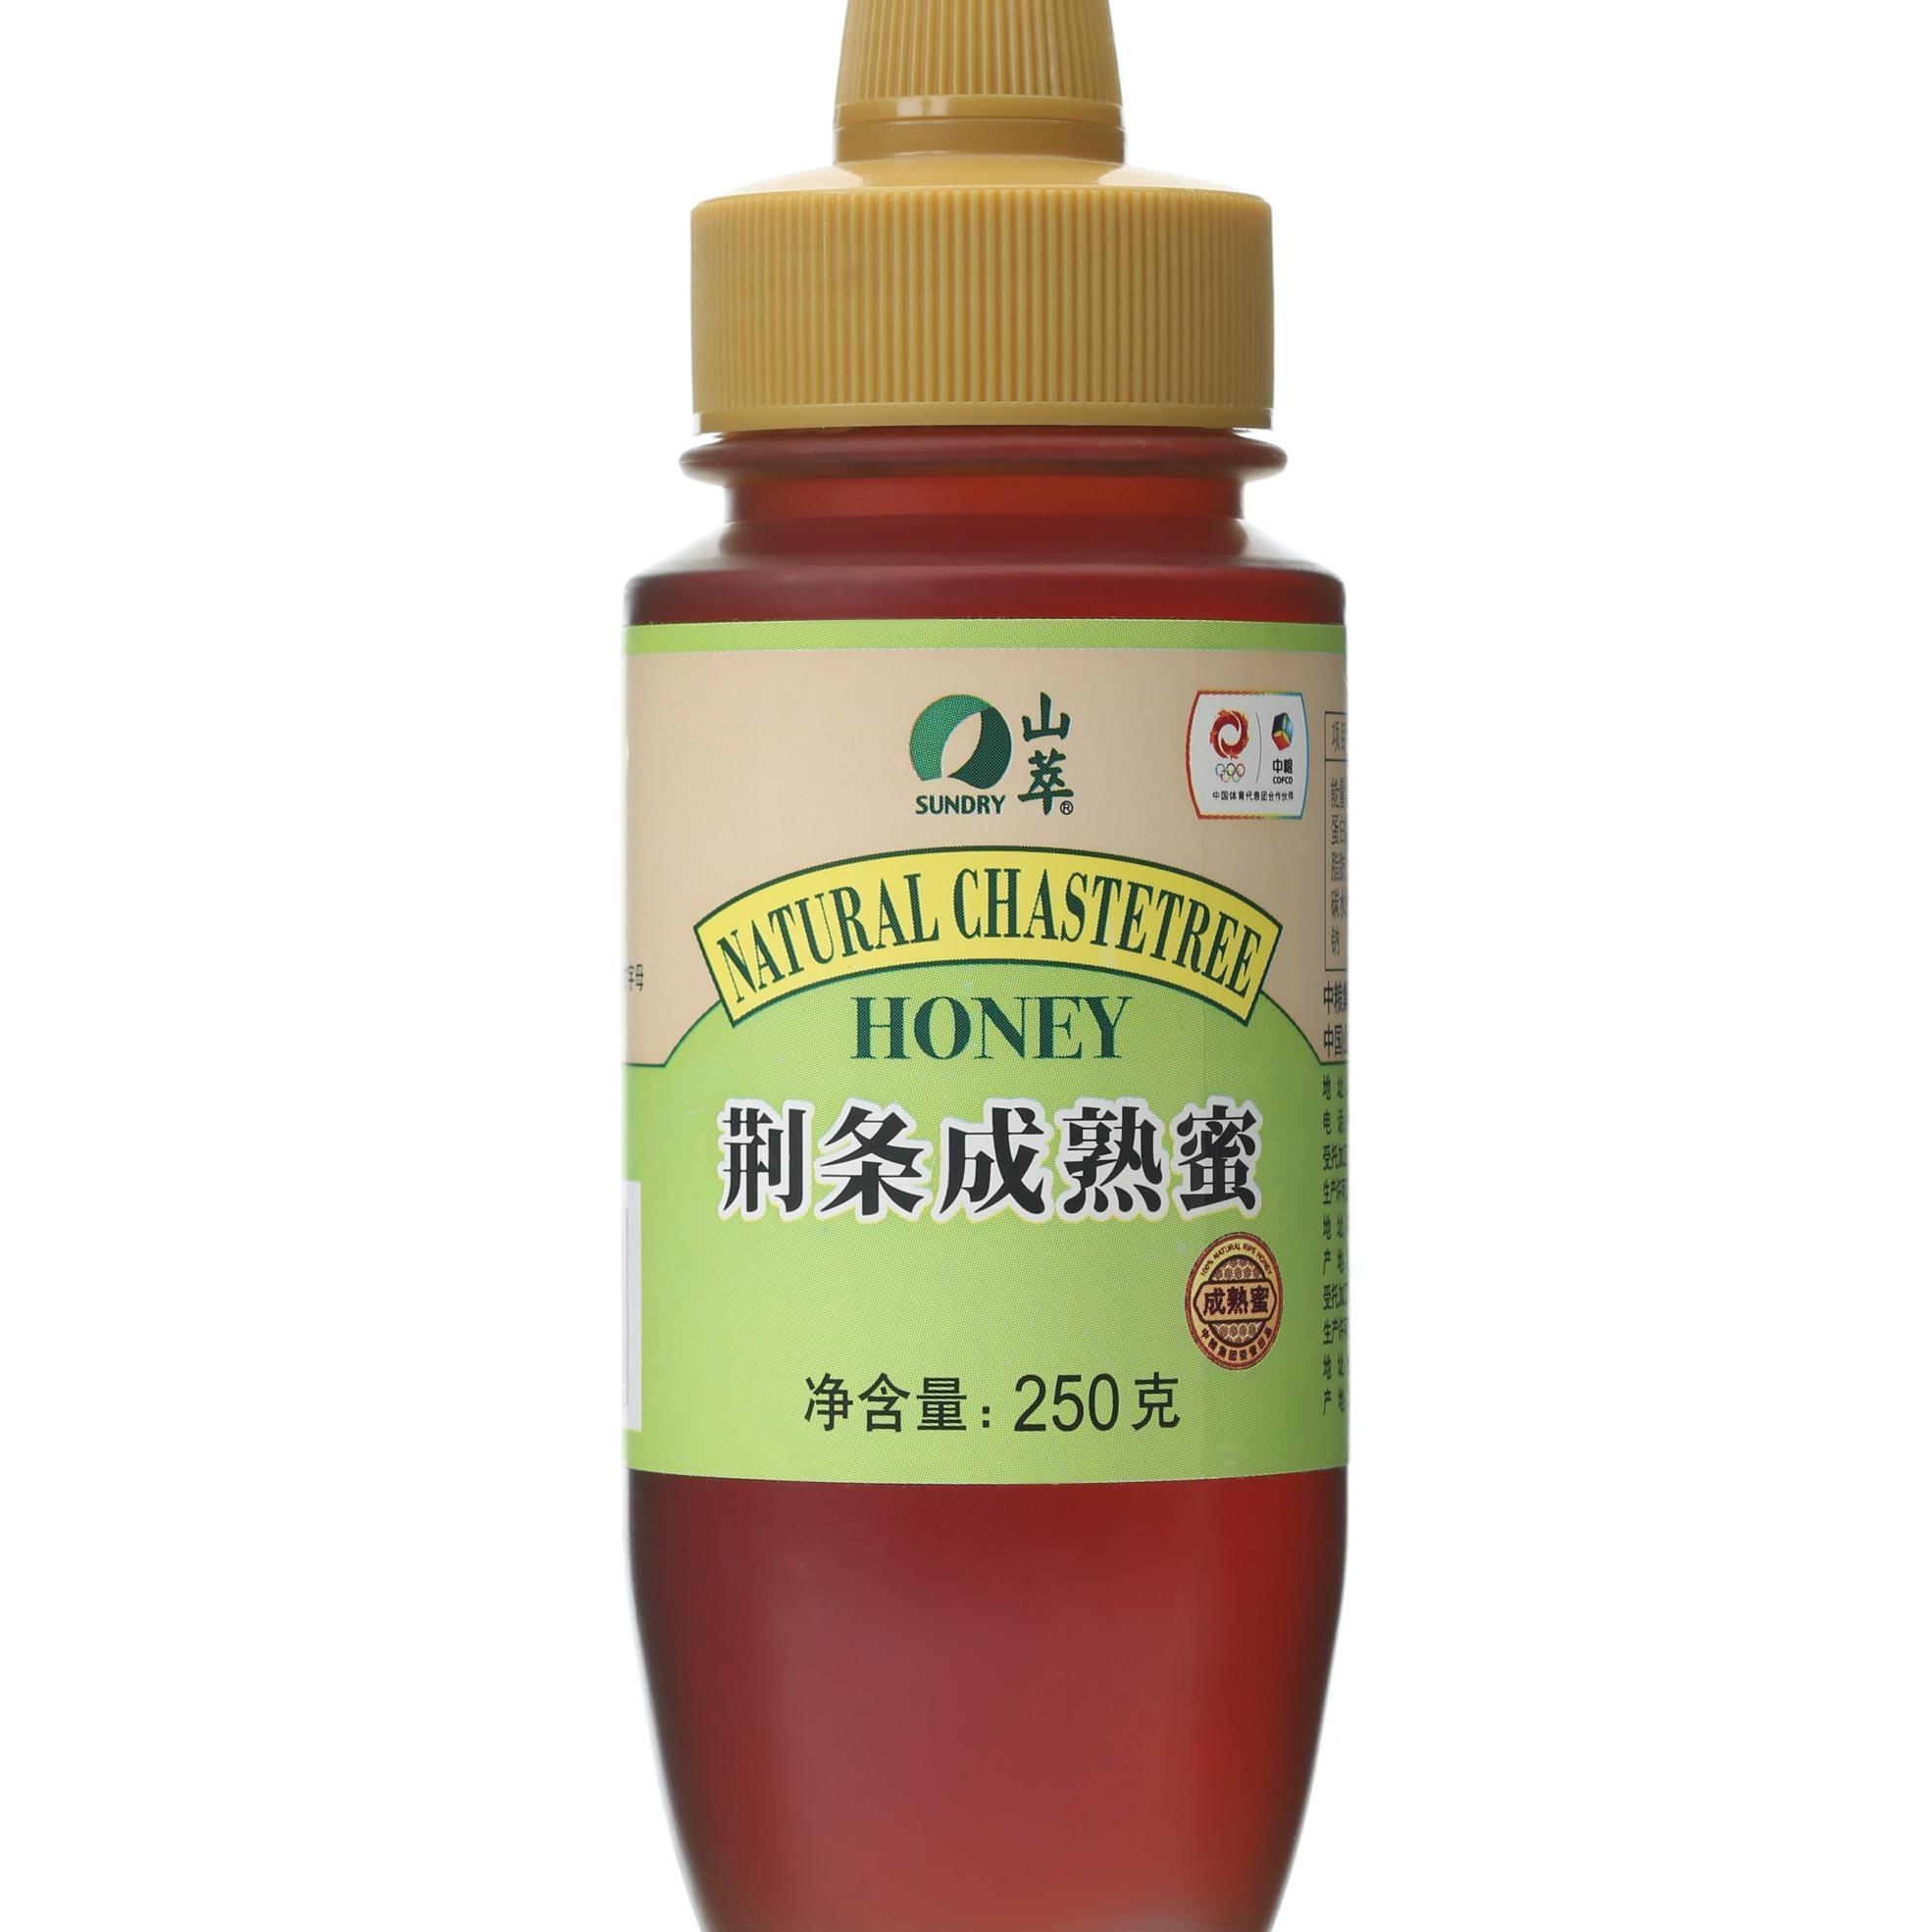 中粮山萃 荆条/枣花/洋槐 成熟蜜250g  2瓶 【预售商品,年后2.10之后发货!!!